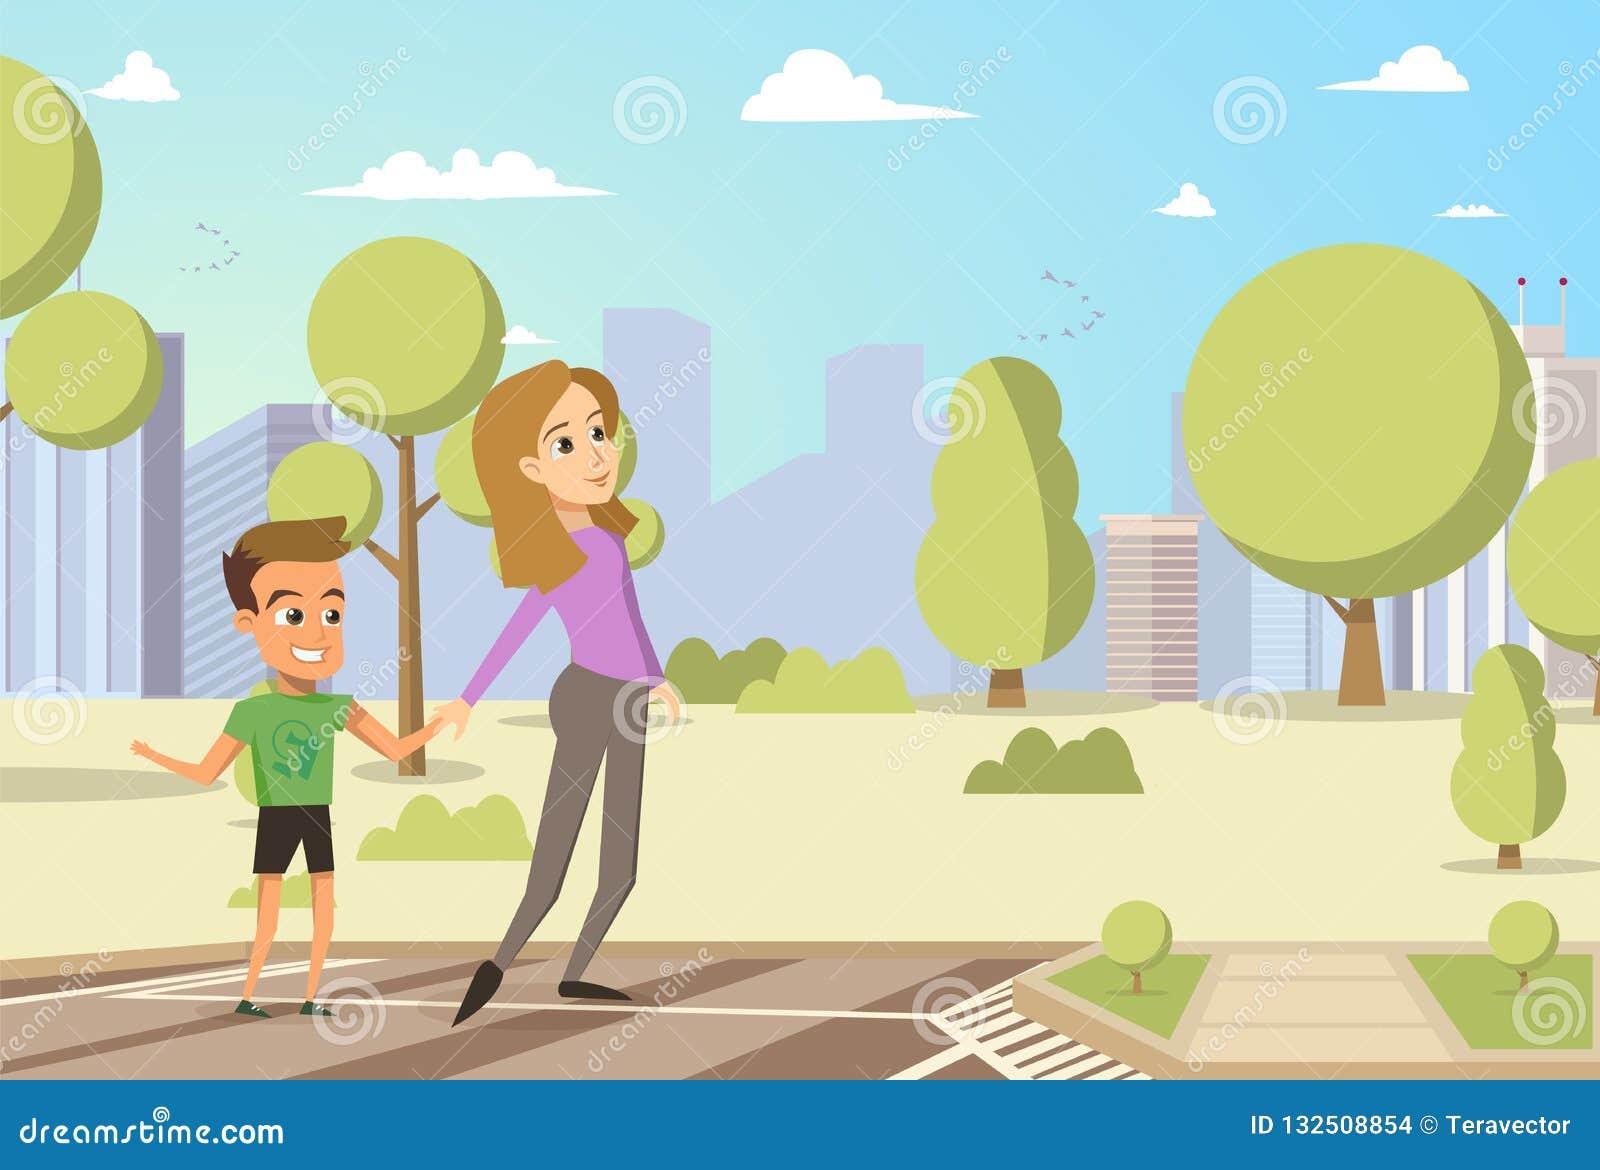 Διανυσματικές μικρό παιδί και γυναίκα κινούμενων σχεδίων απεικόνισης